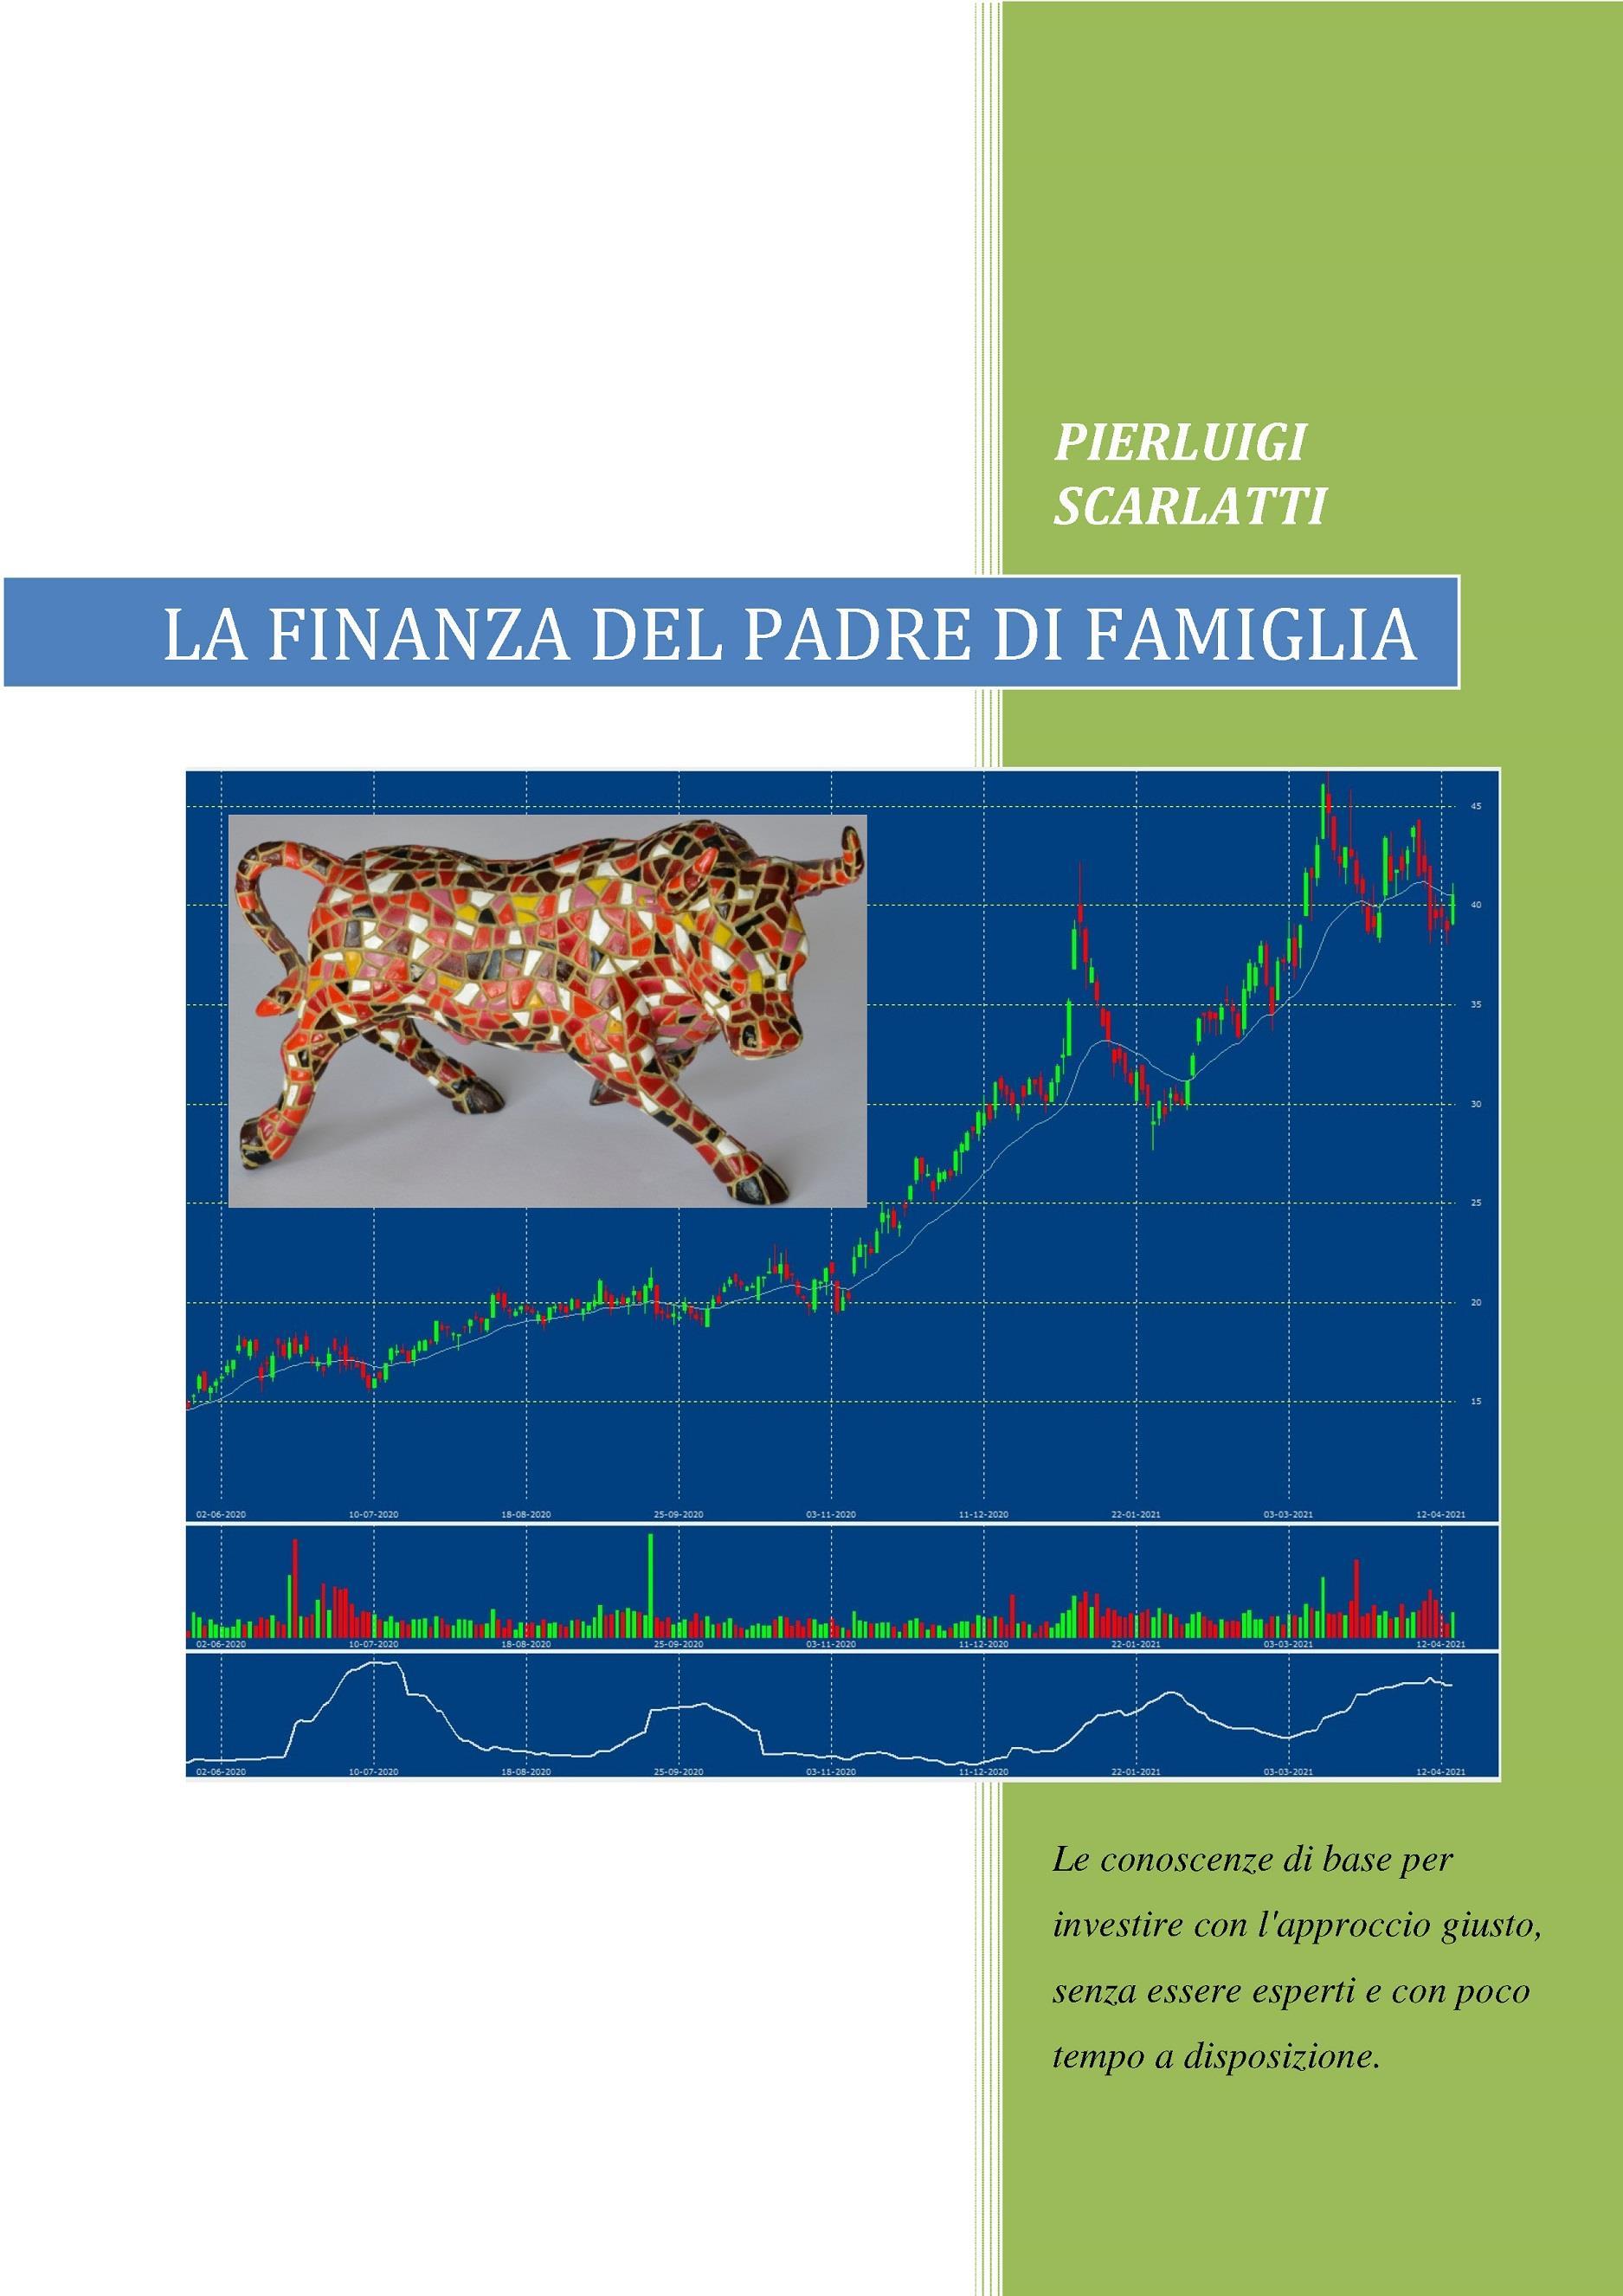 La finanza del padre di famiglia